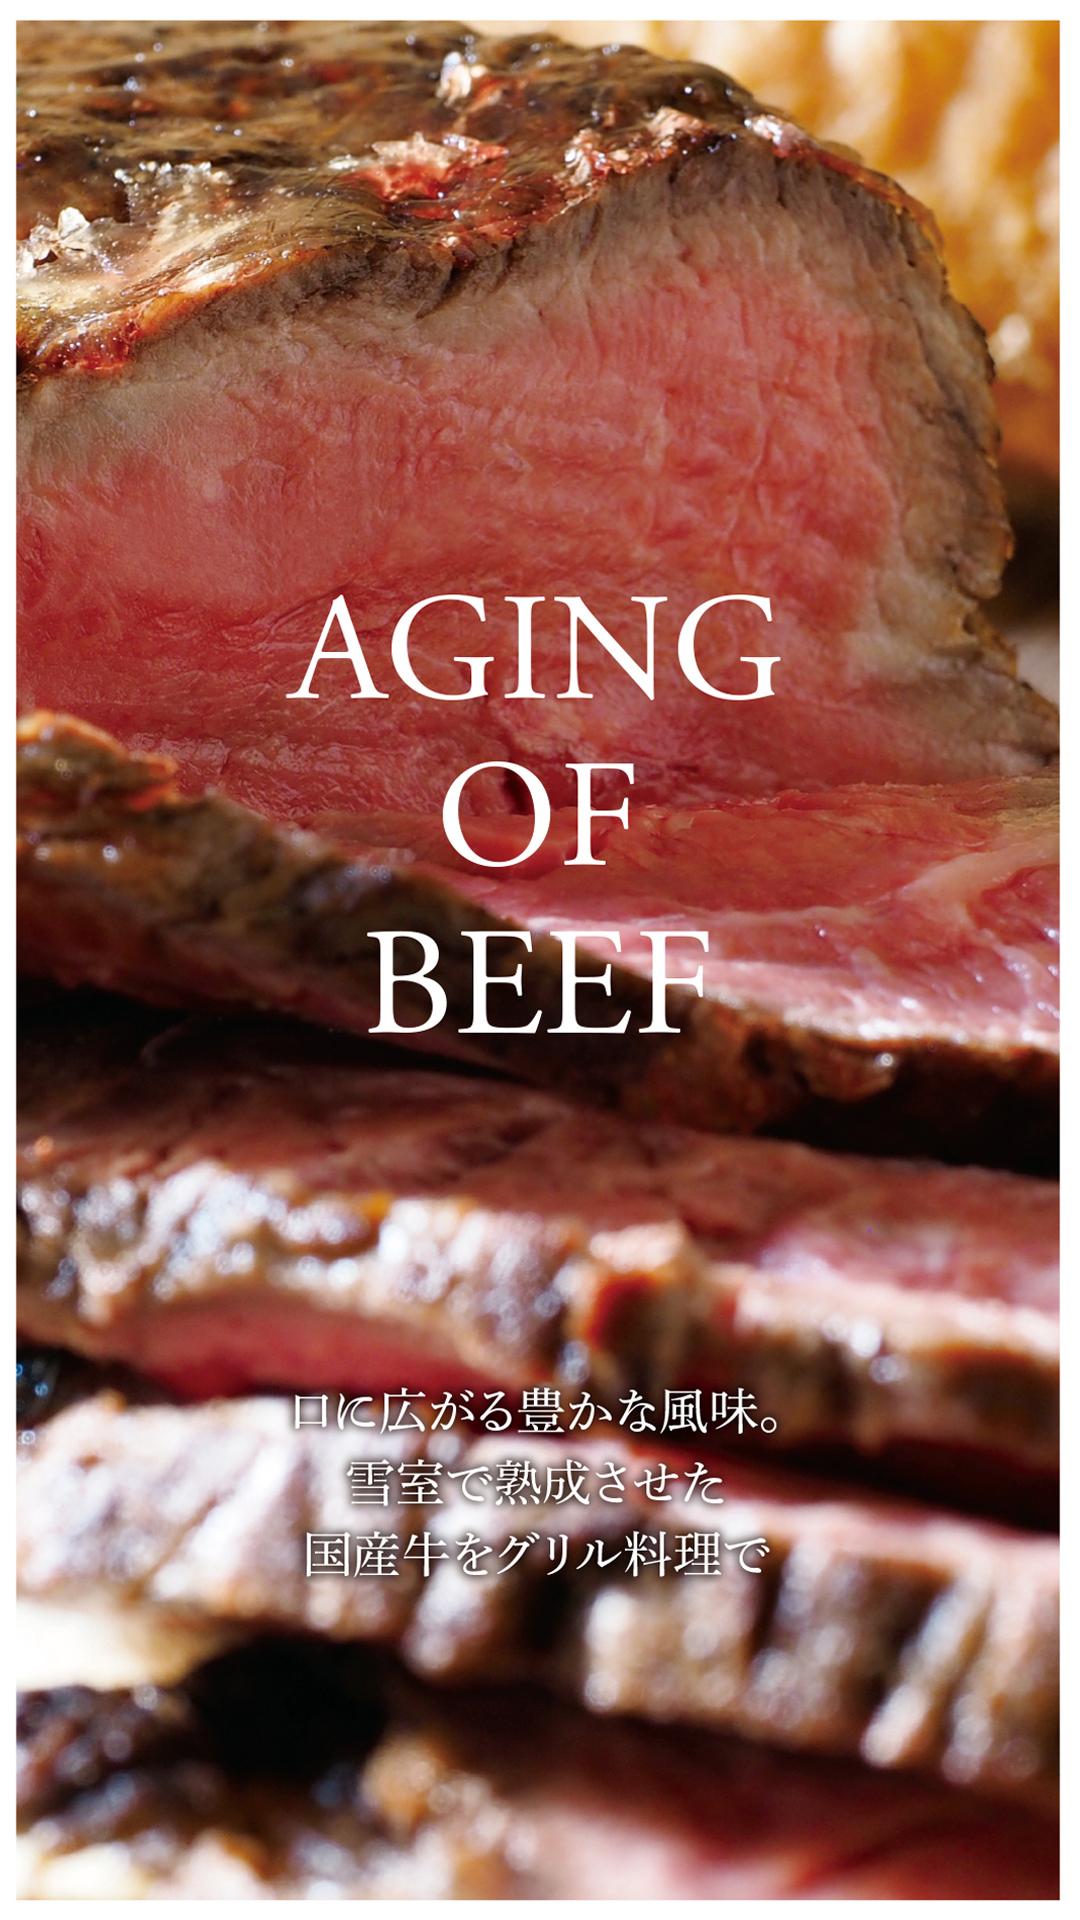 002_beef